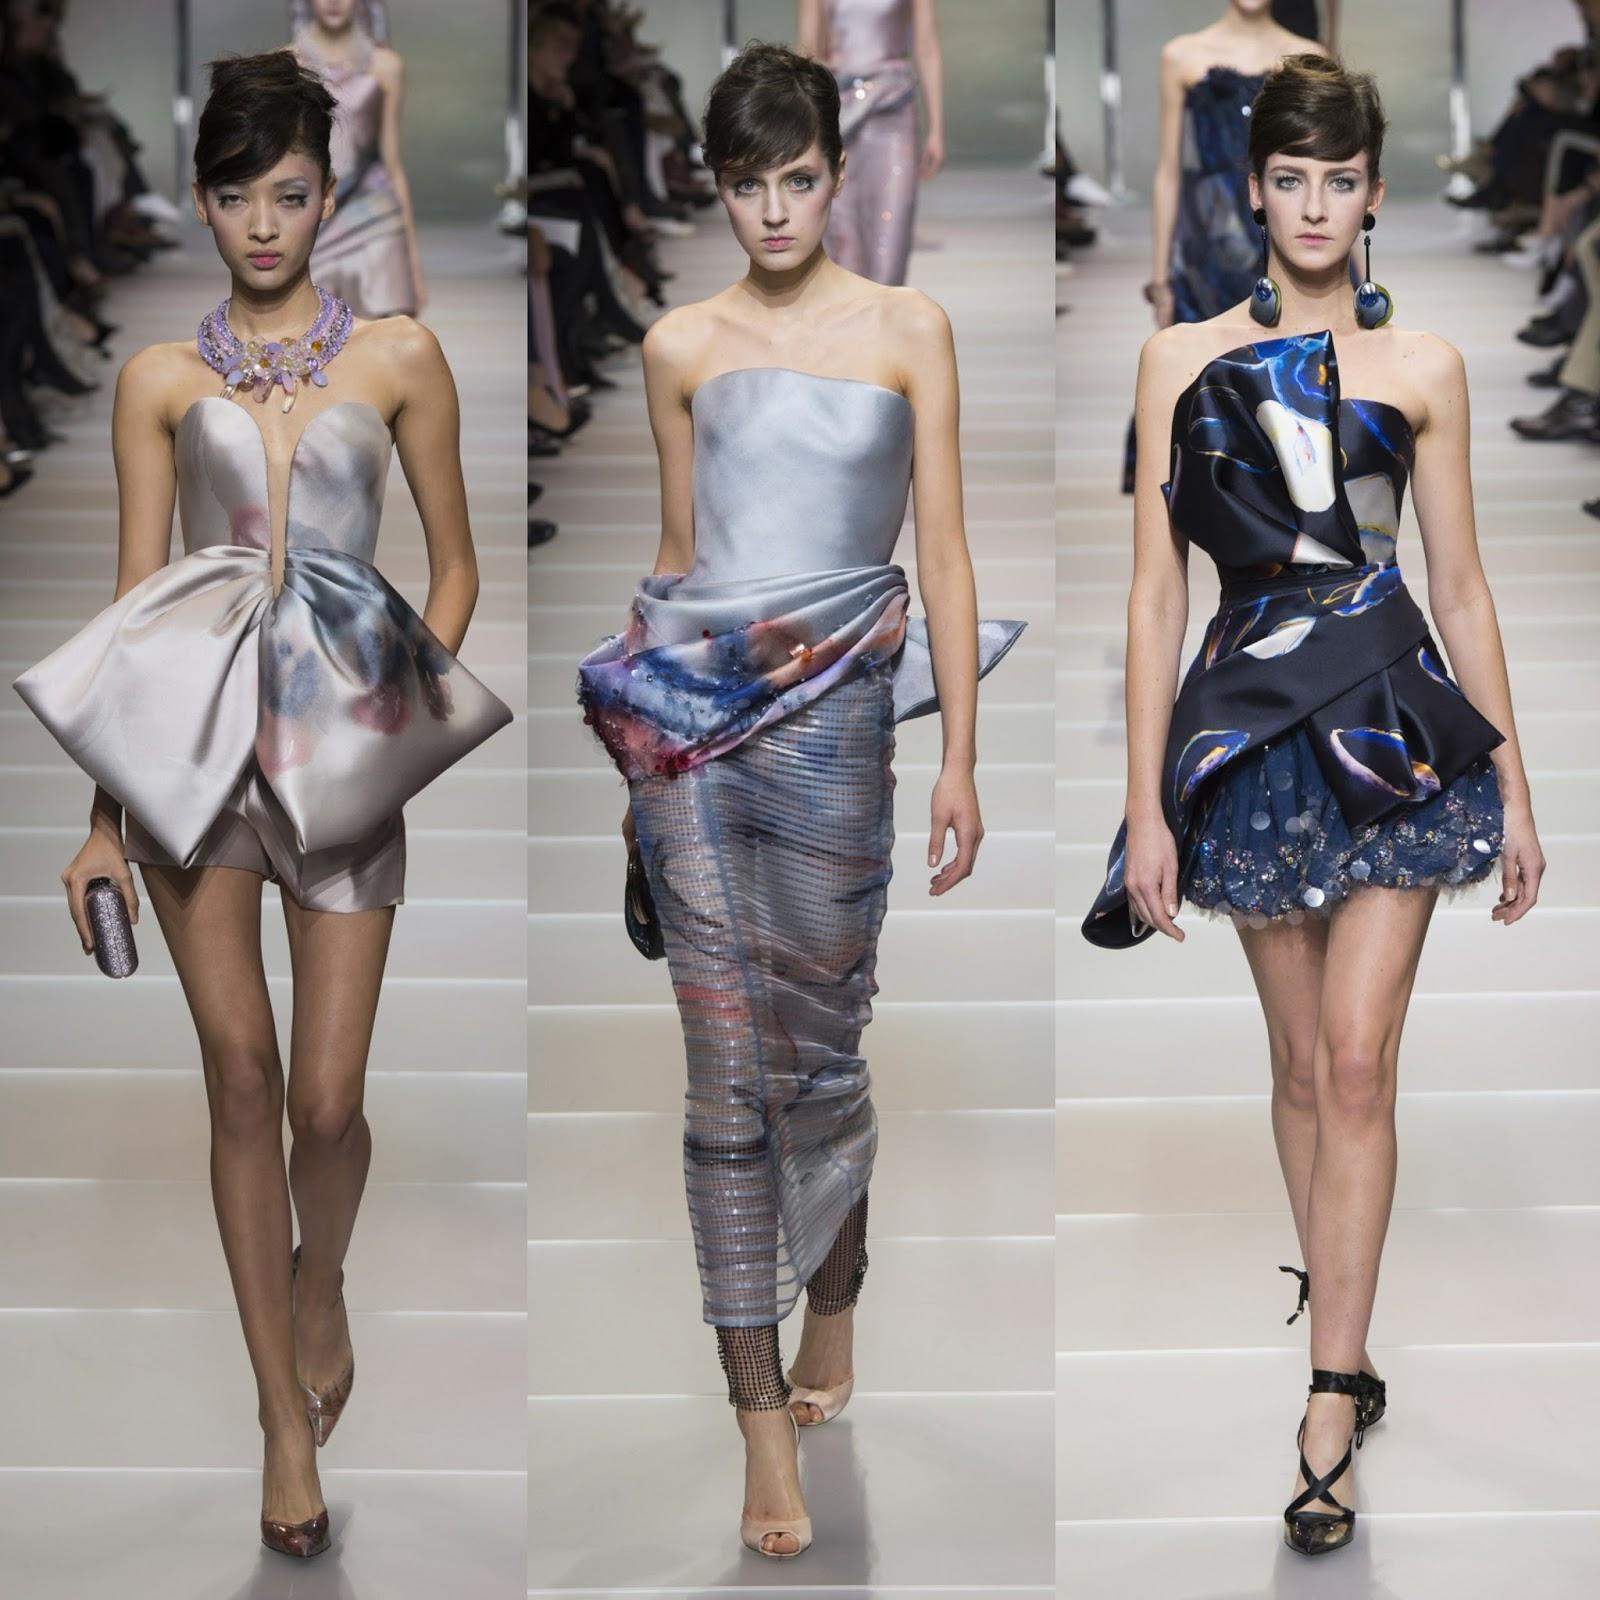 Prive armani haute couture spring catalog photo